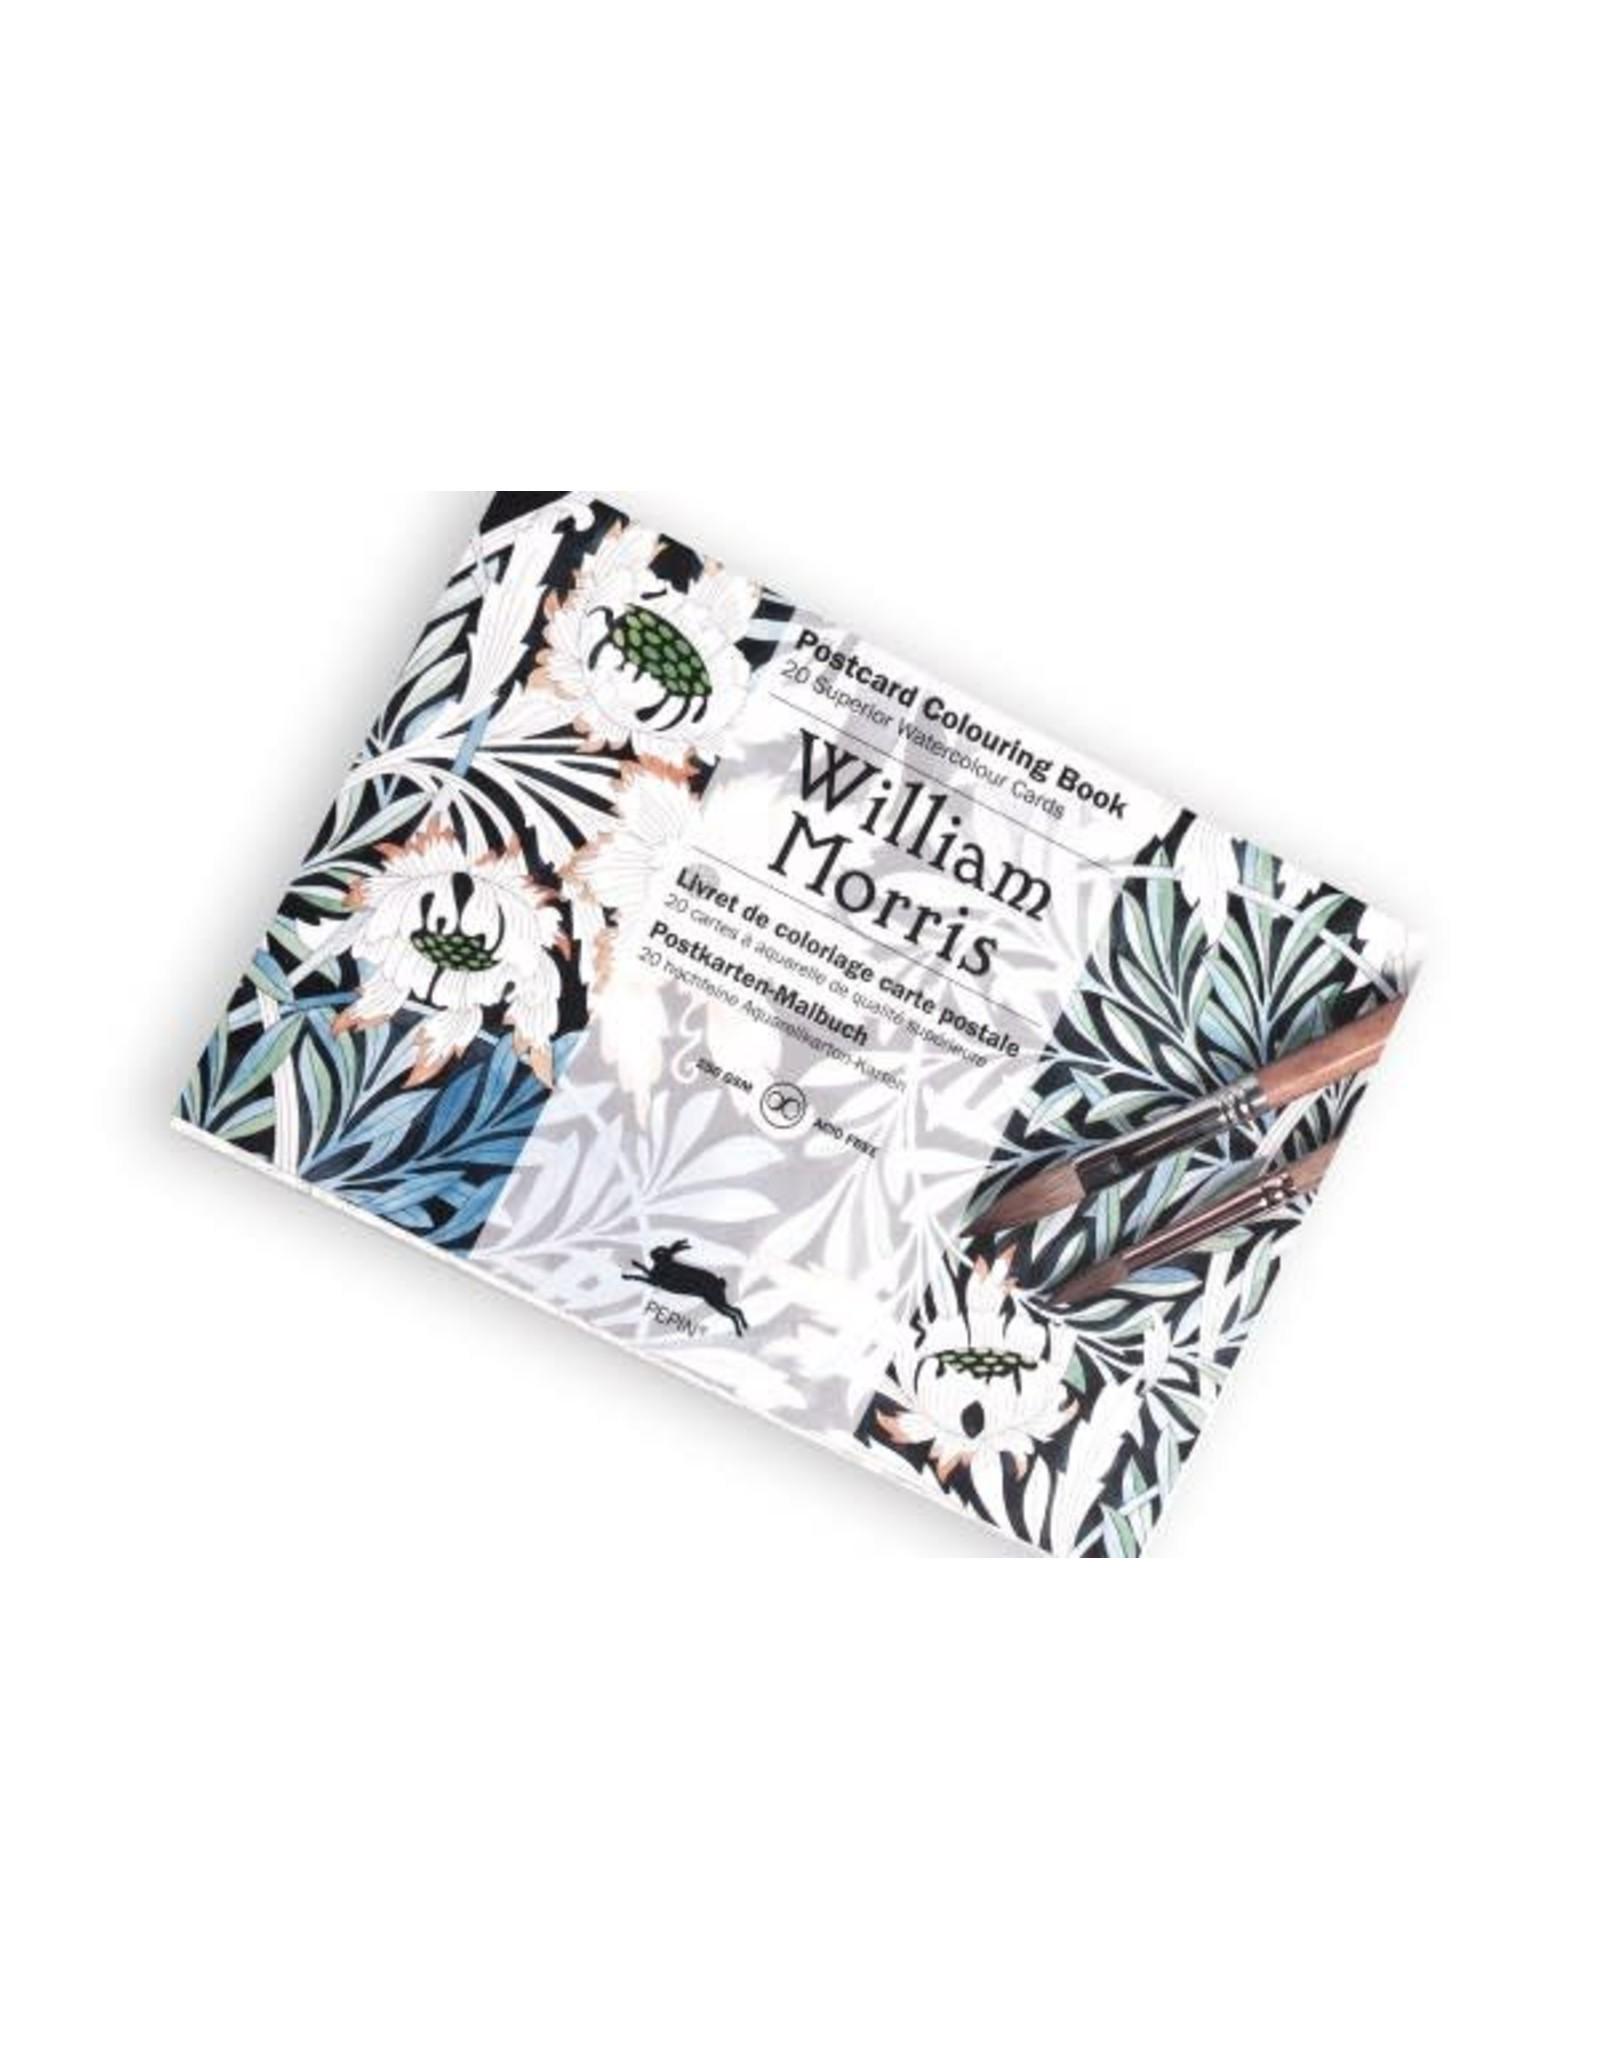 Postcard colouring book - William Morris